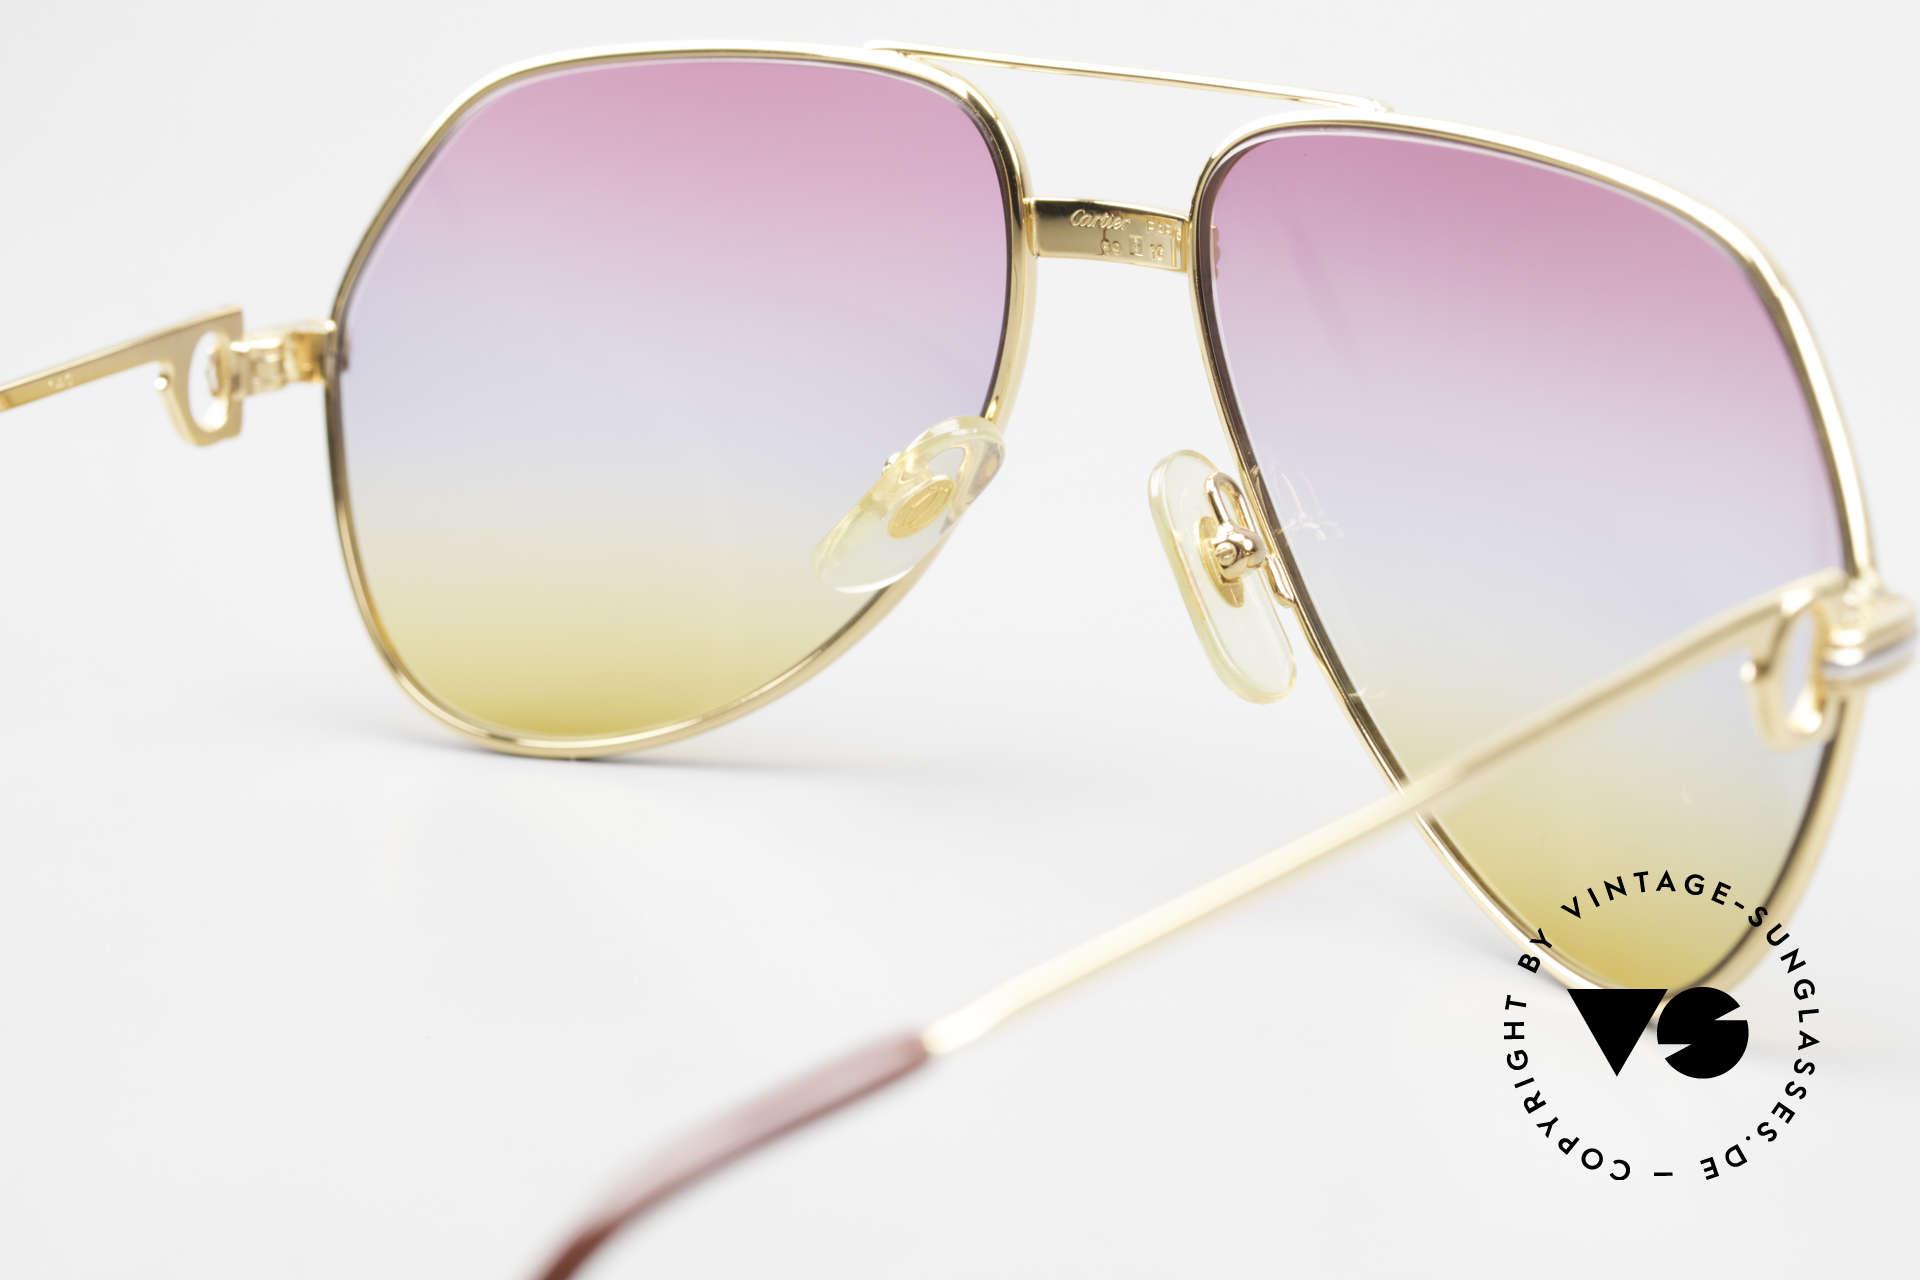 Cartier Vendome LC - M 80er 90er Aviator Sonnenbrille, KEINE Retrobrille, sondern ein altes vintage ORIGINAL!, Passend für Herren und Damen